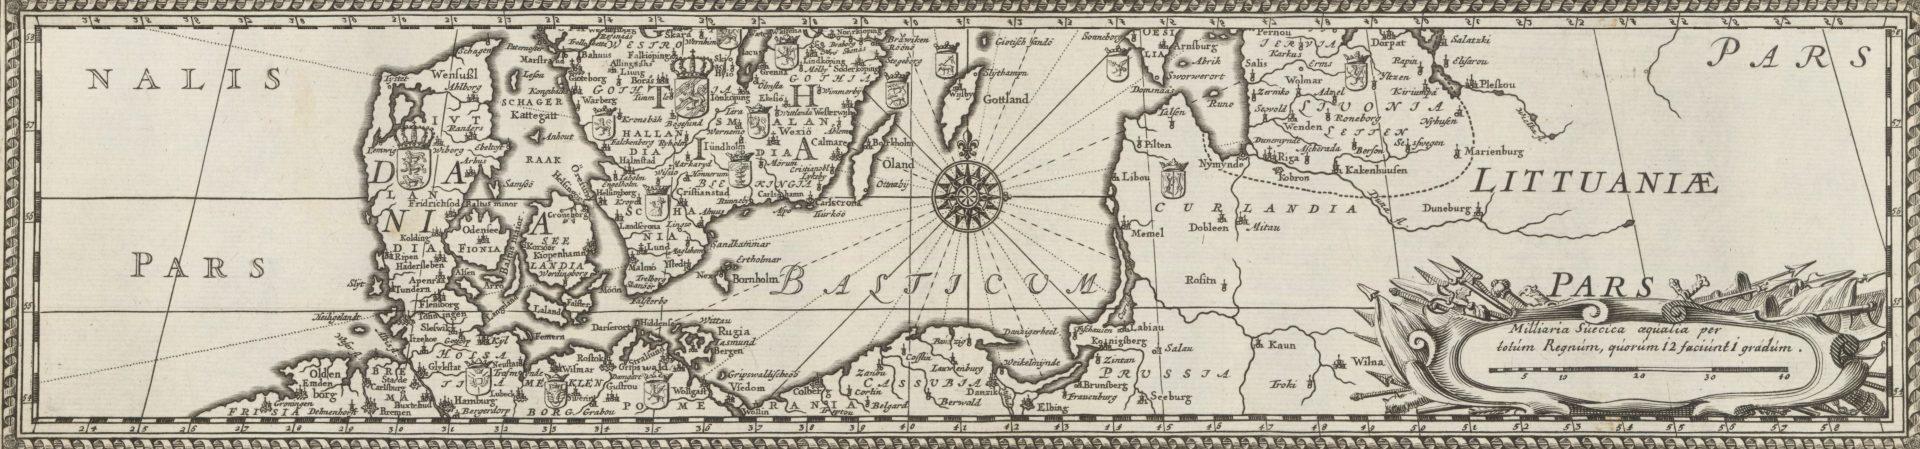 Detalj av en gammal karta.